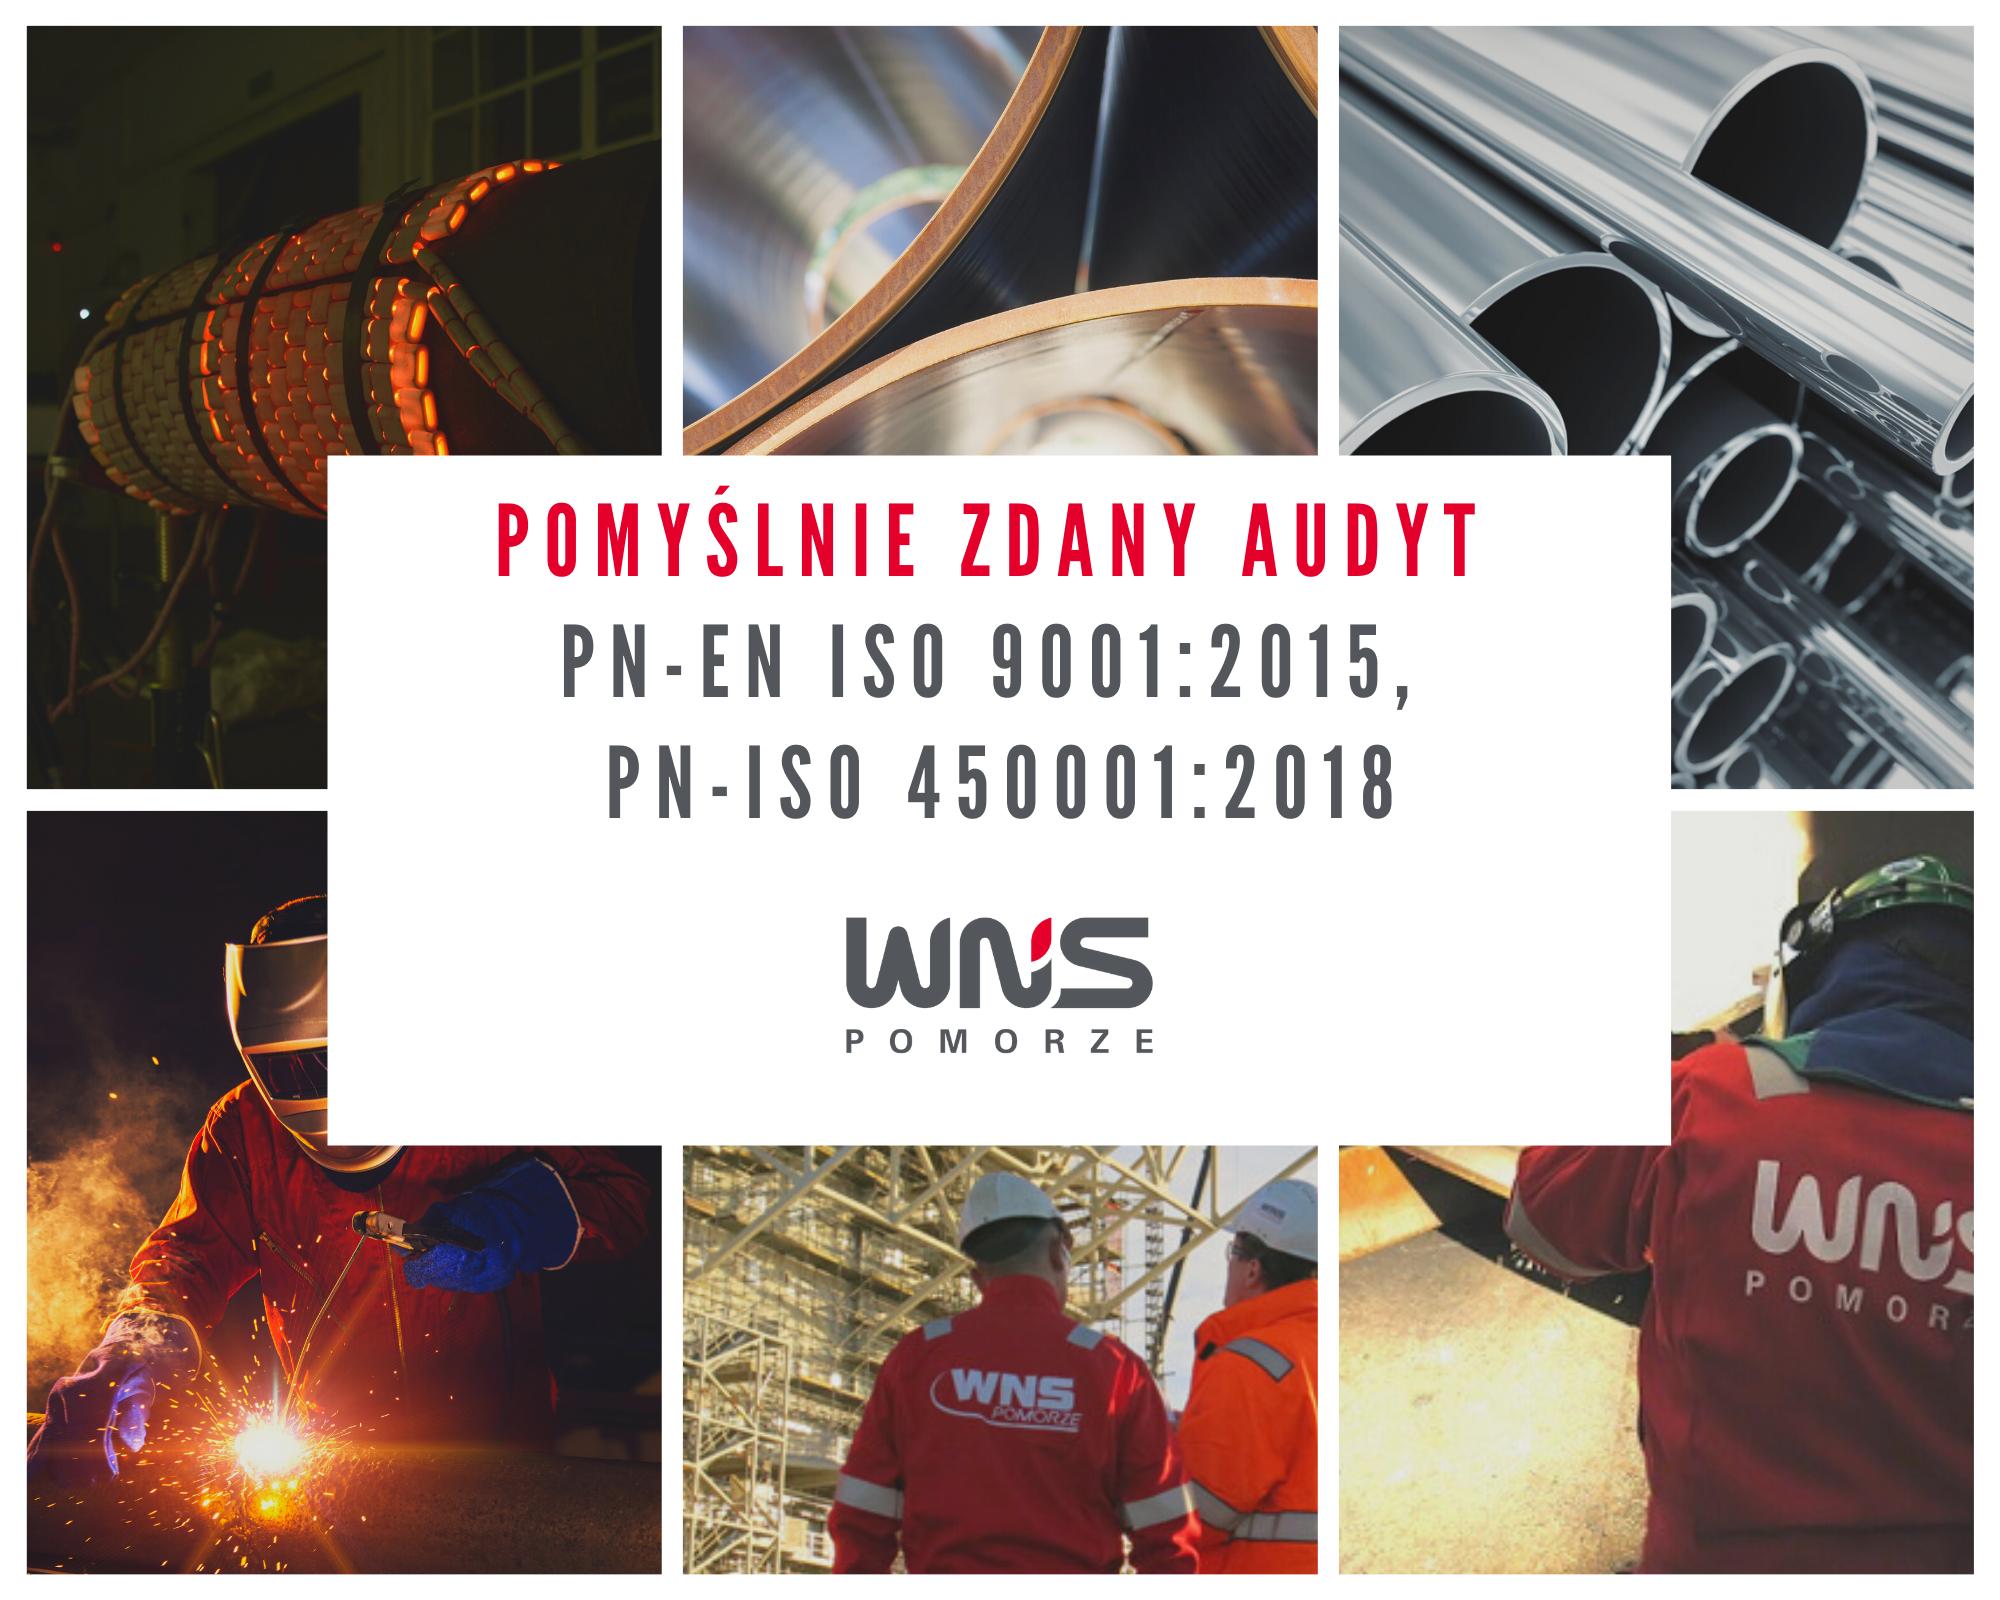 Pomyślnie zdany audyt Pn-en ISO 9001_2015, PN-ISO 450001_2018